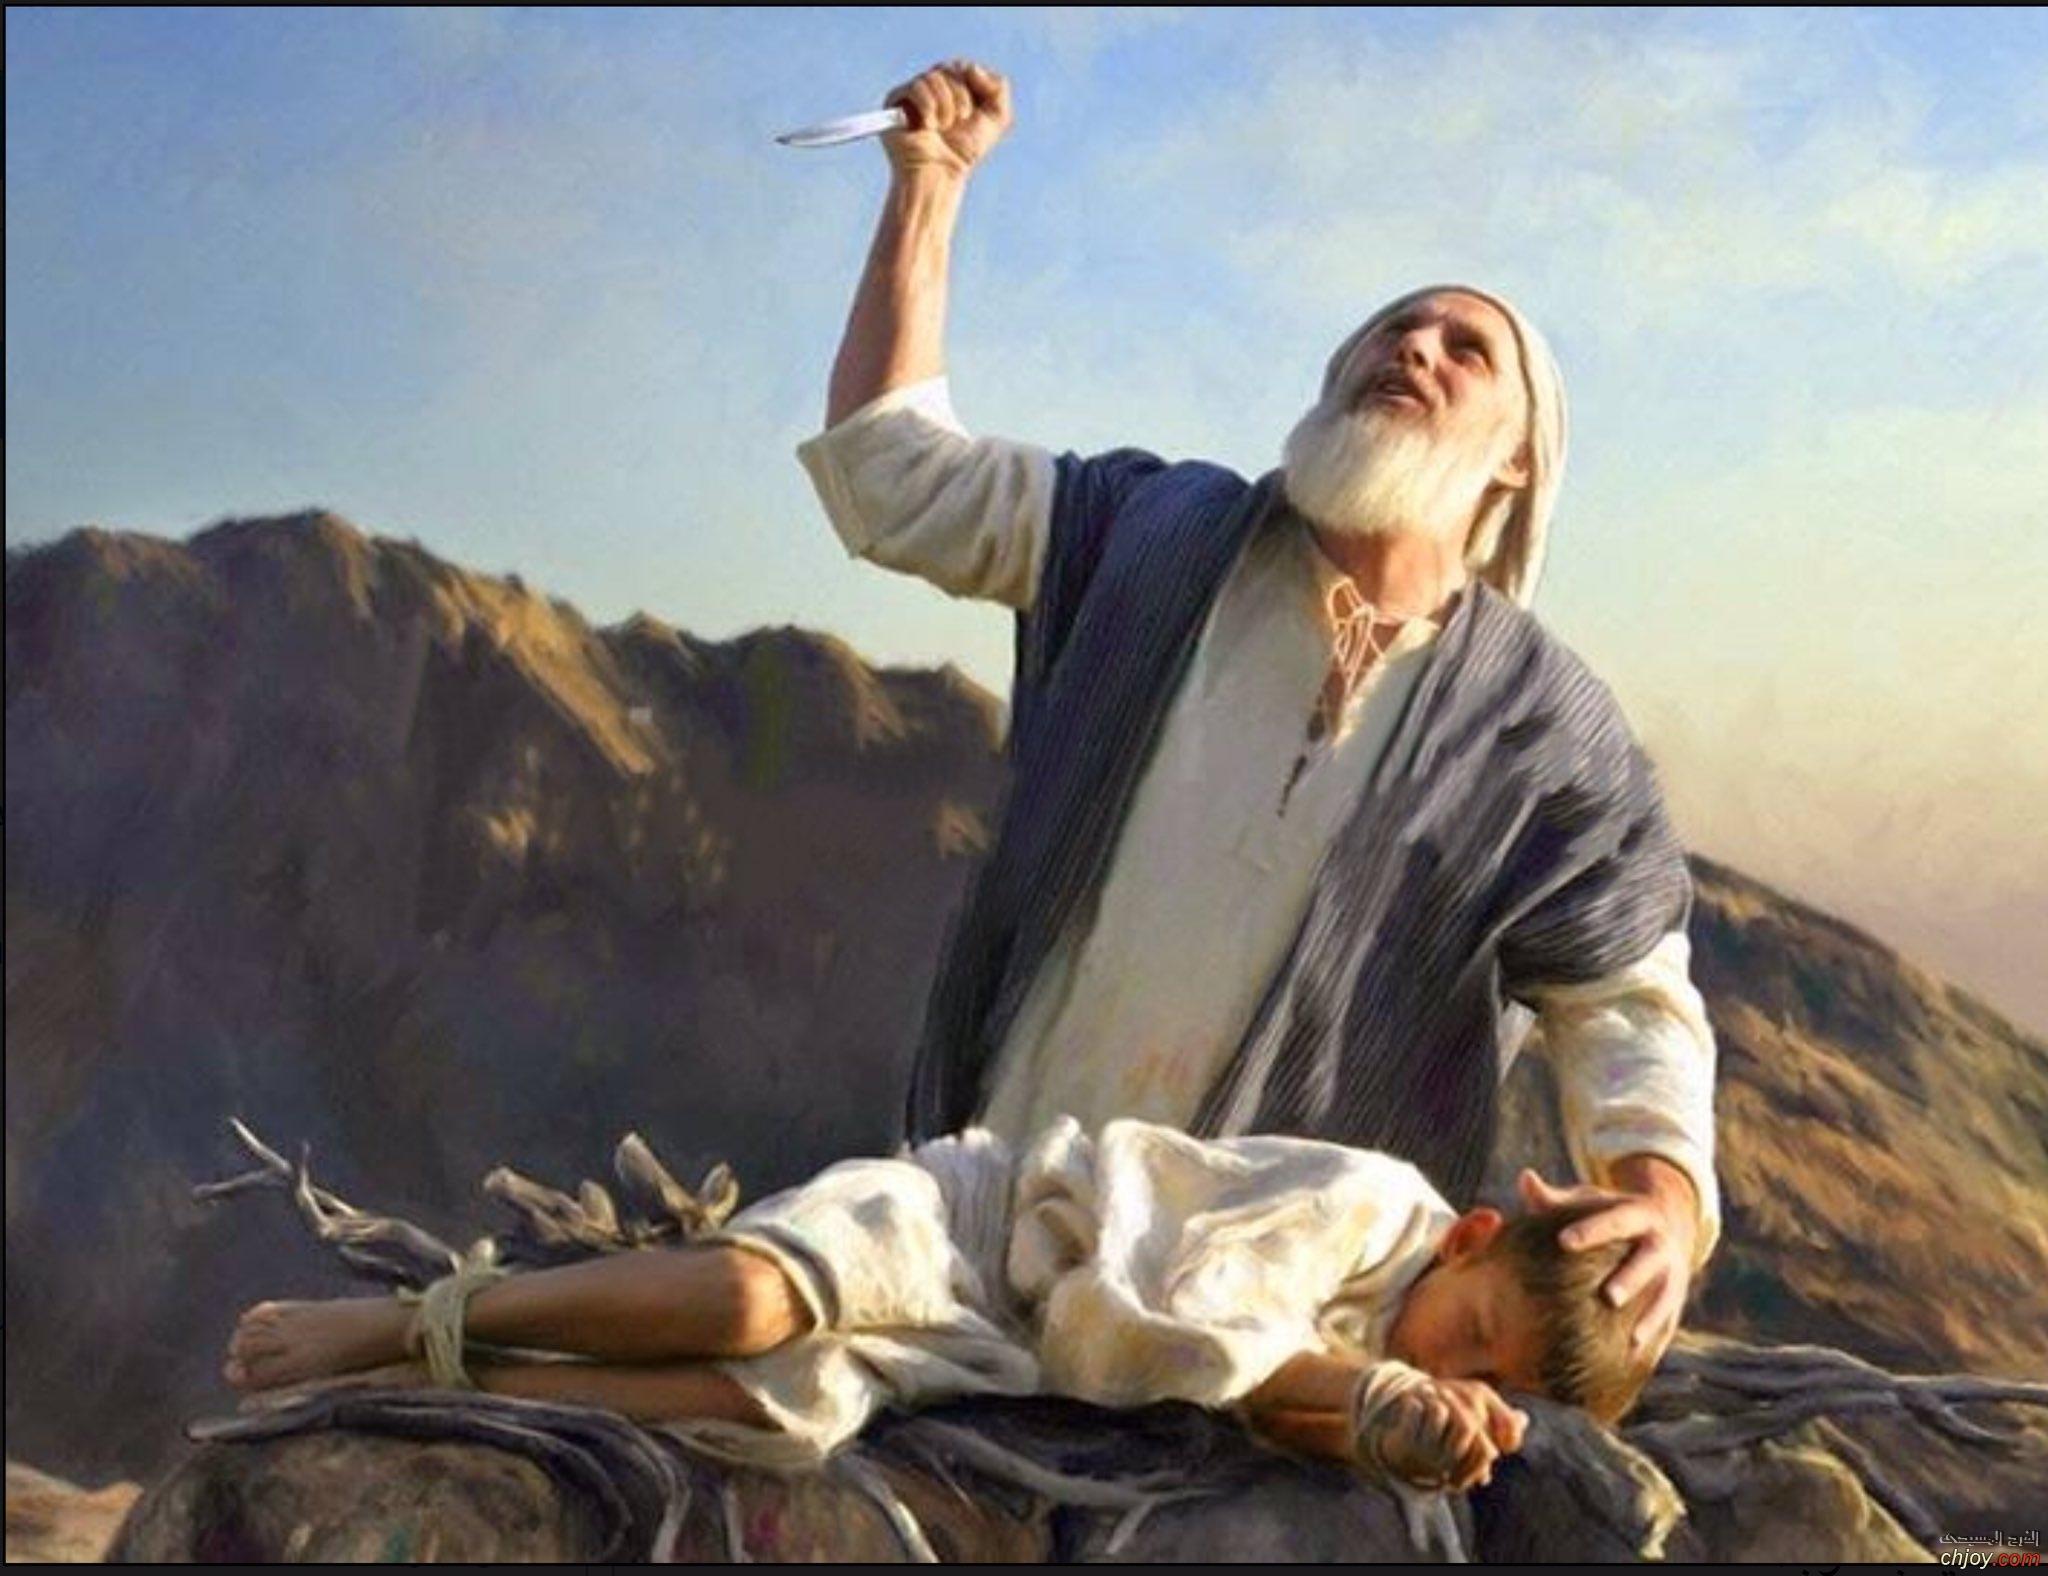 لماذا يطلب الله من إبراهيم أن يقدِّم ذبيحة بشرية على غير العادة ؟